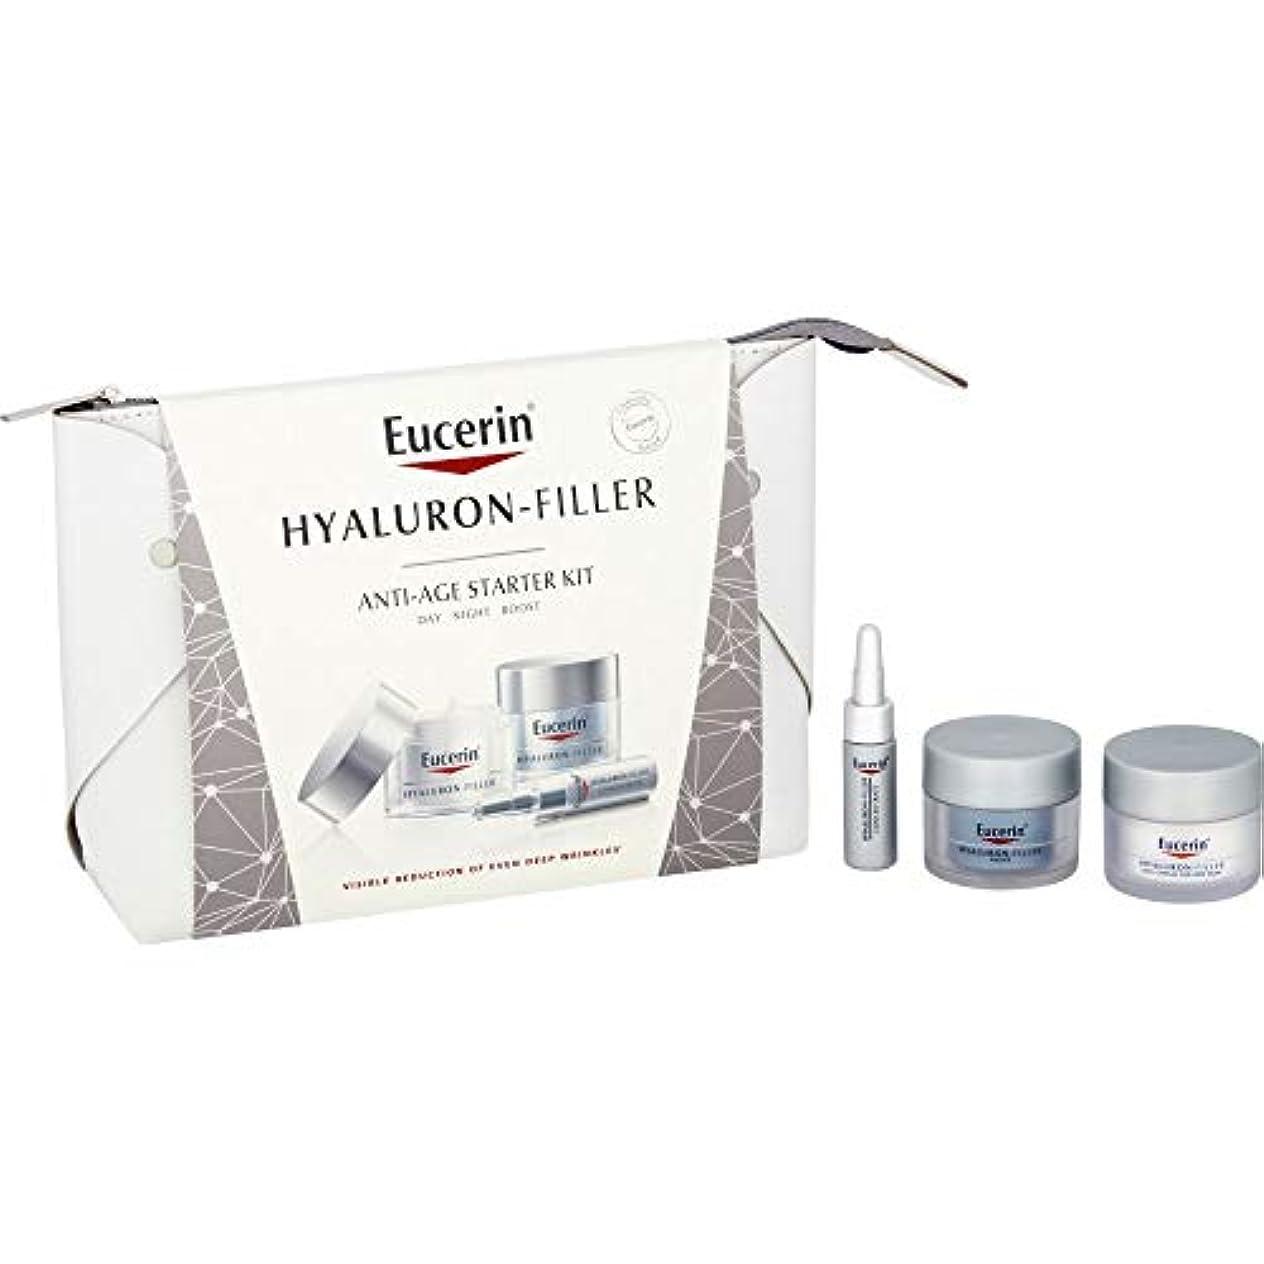 差し引く農夫用心深い[Eucerin] ユーセリンのヒアルロンフィラー抗加齢スターターキット - Eucerin Hyaluron-Filler Anti-Age Starter Kit [並行輸入品]